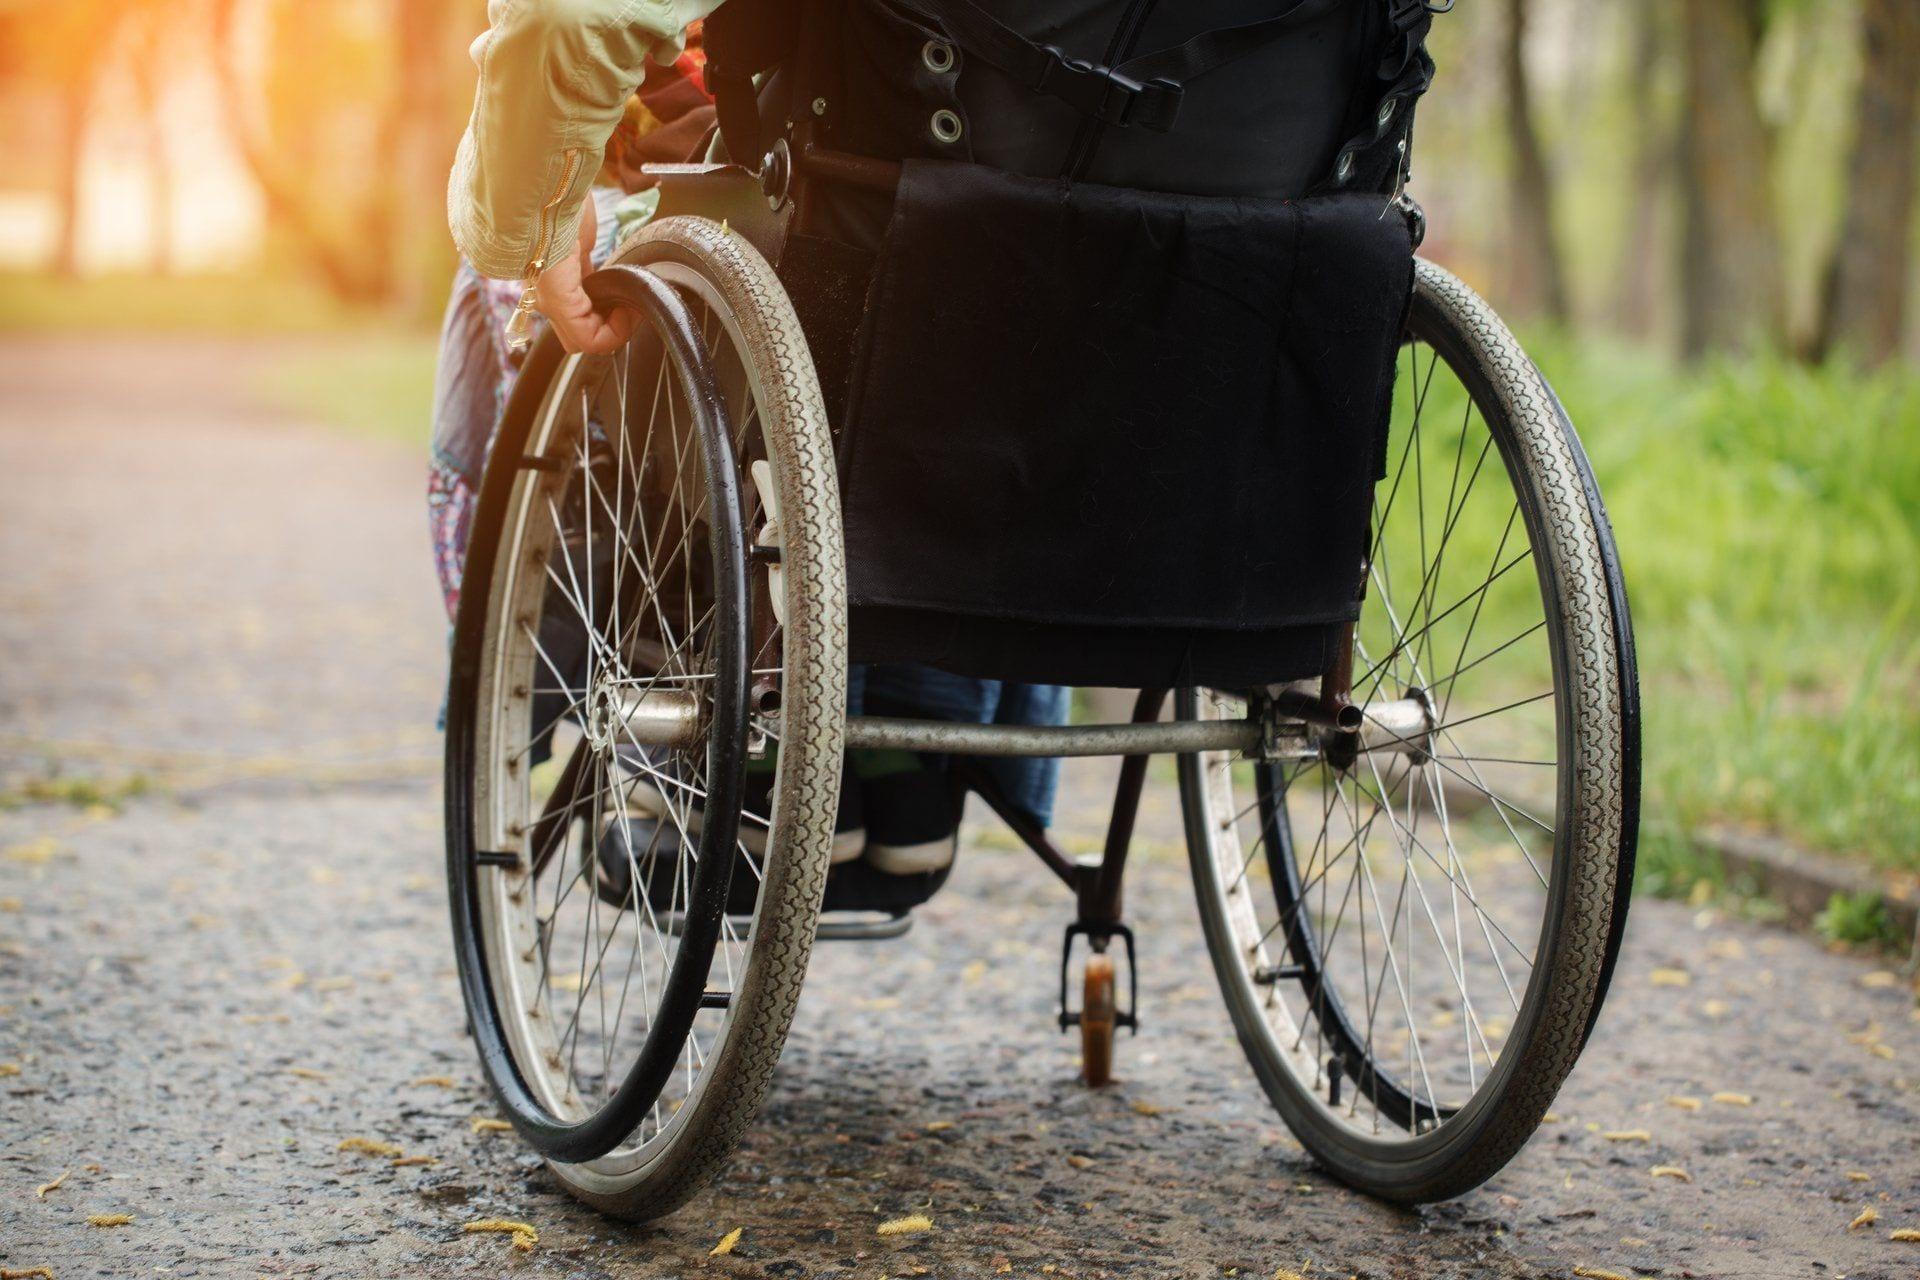 Les aides aux personnes handicapées